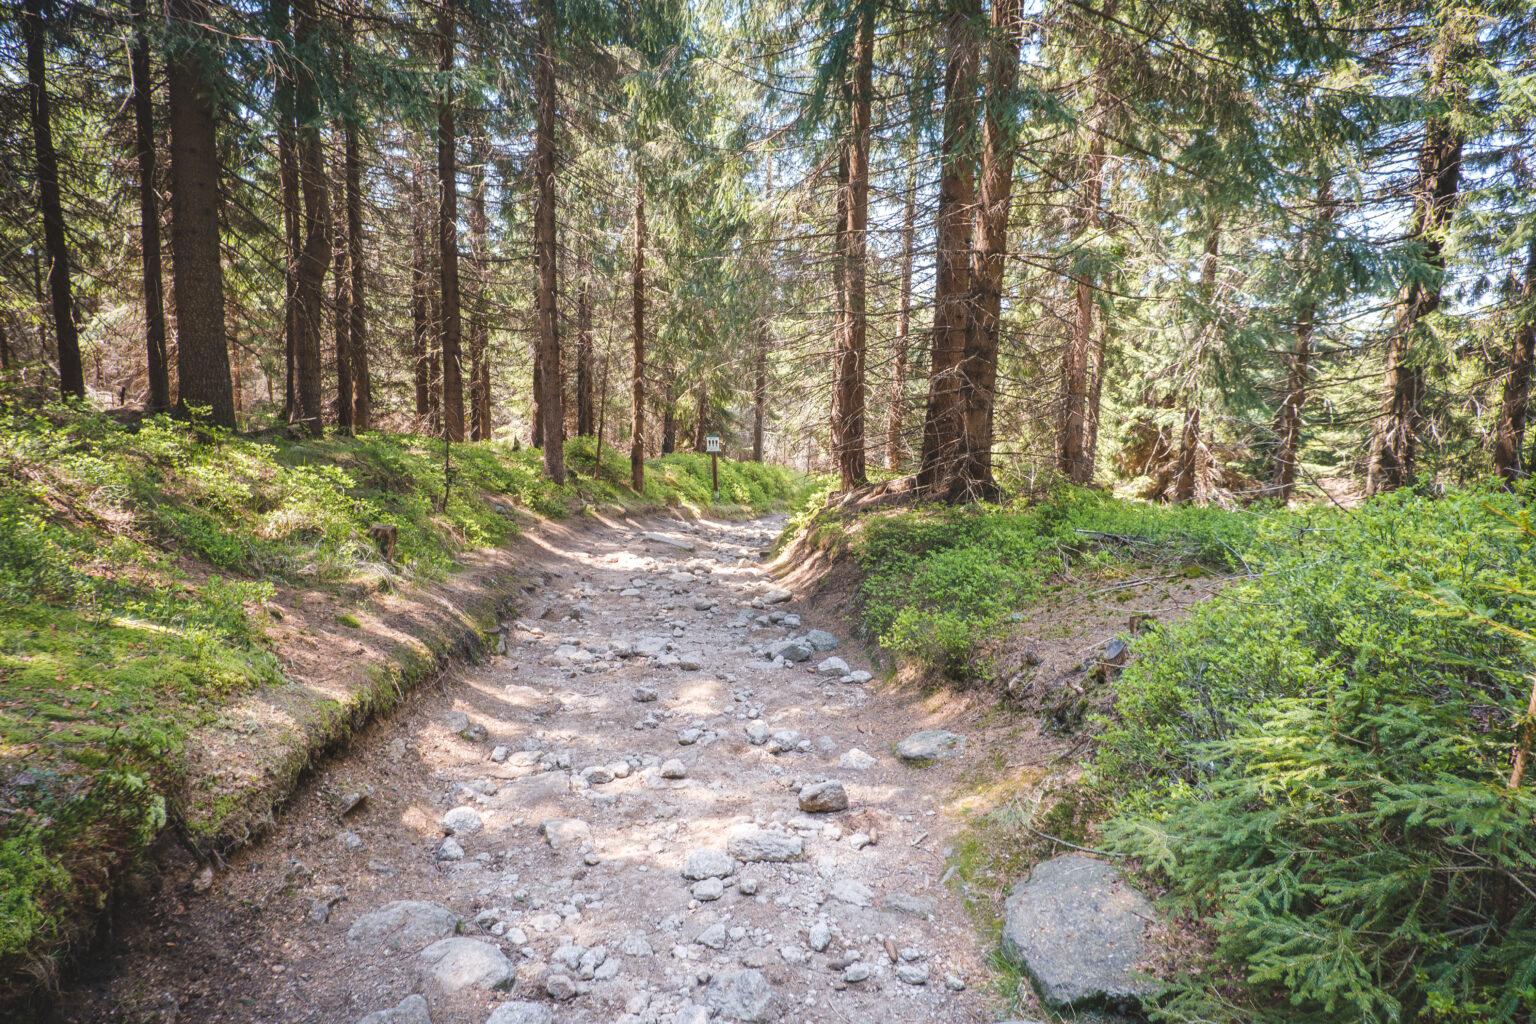 Kamienisty szlak rowerowy w Górach Izerskich